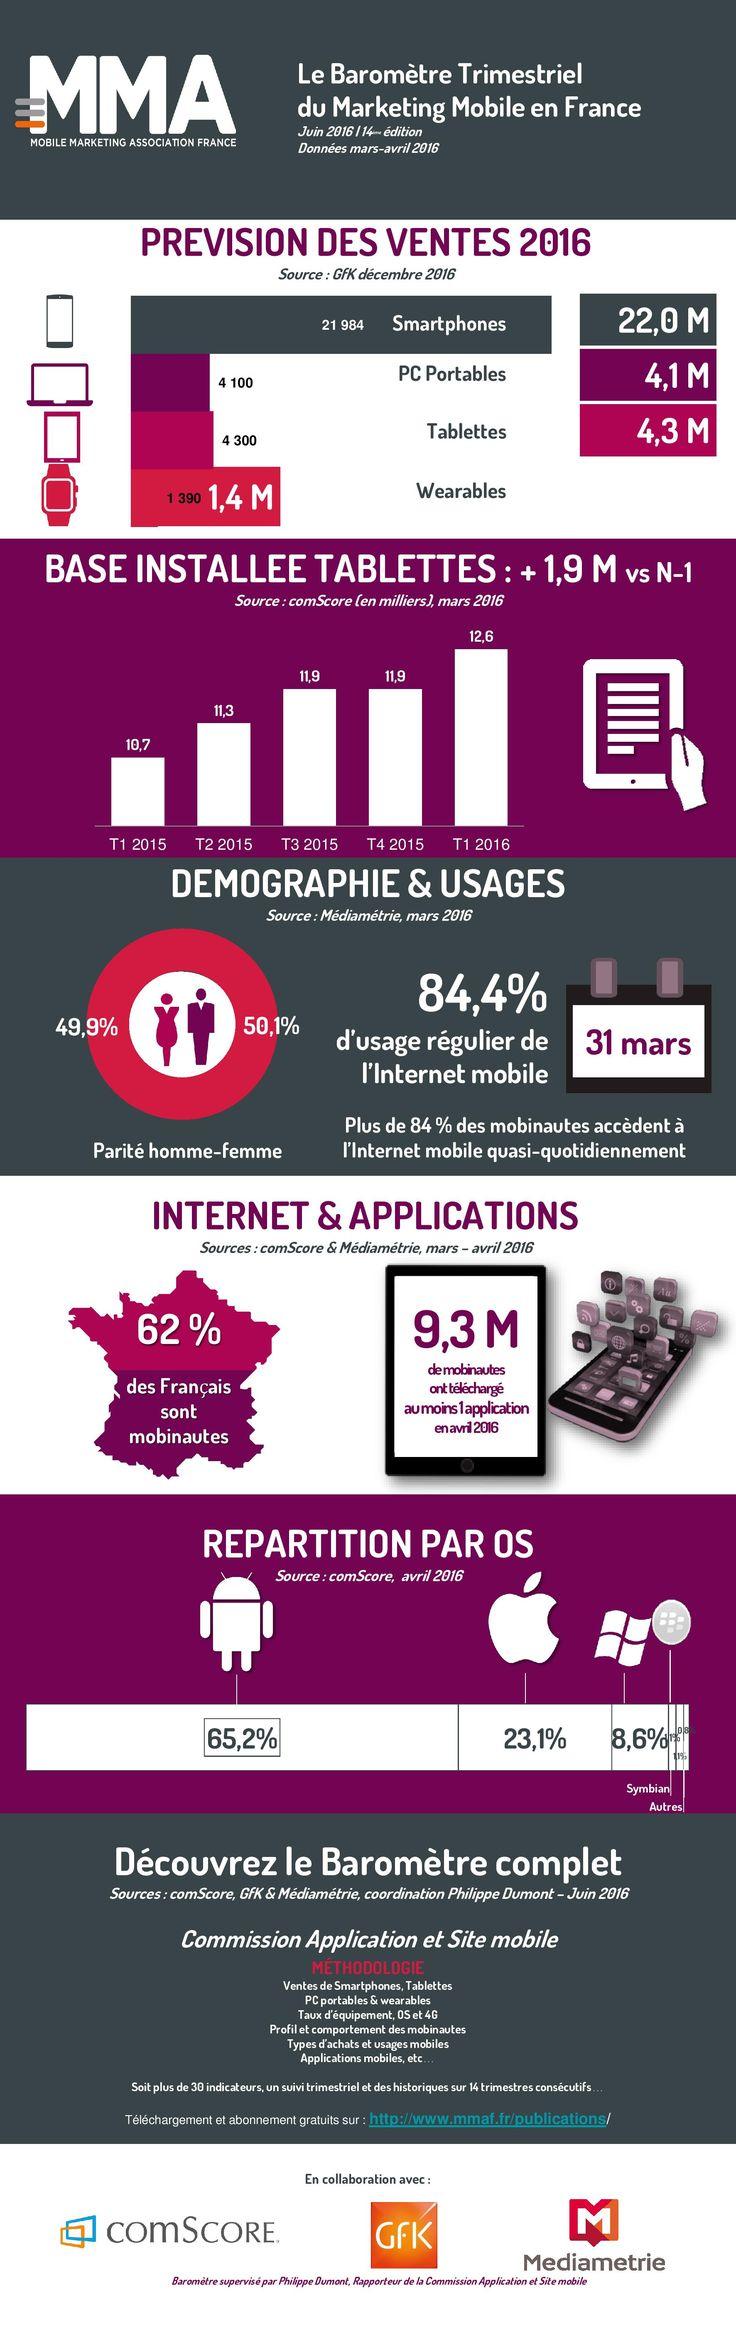 62% des Français surfent sur leurs mobiles